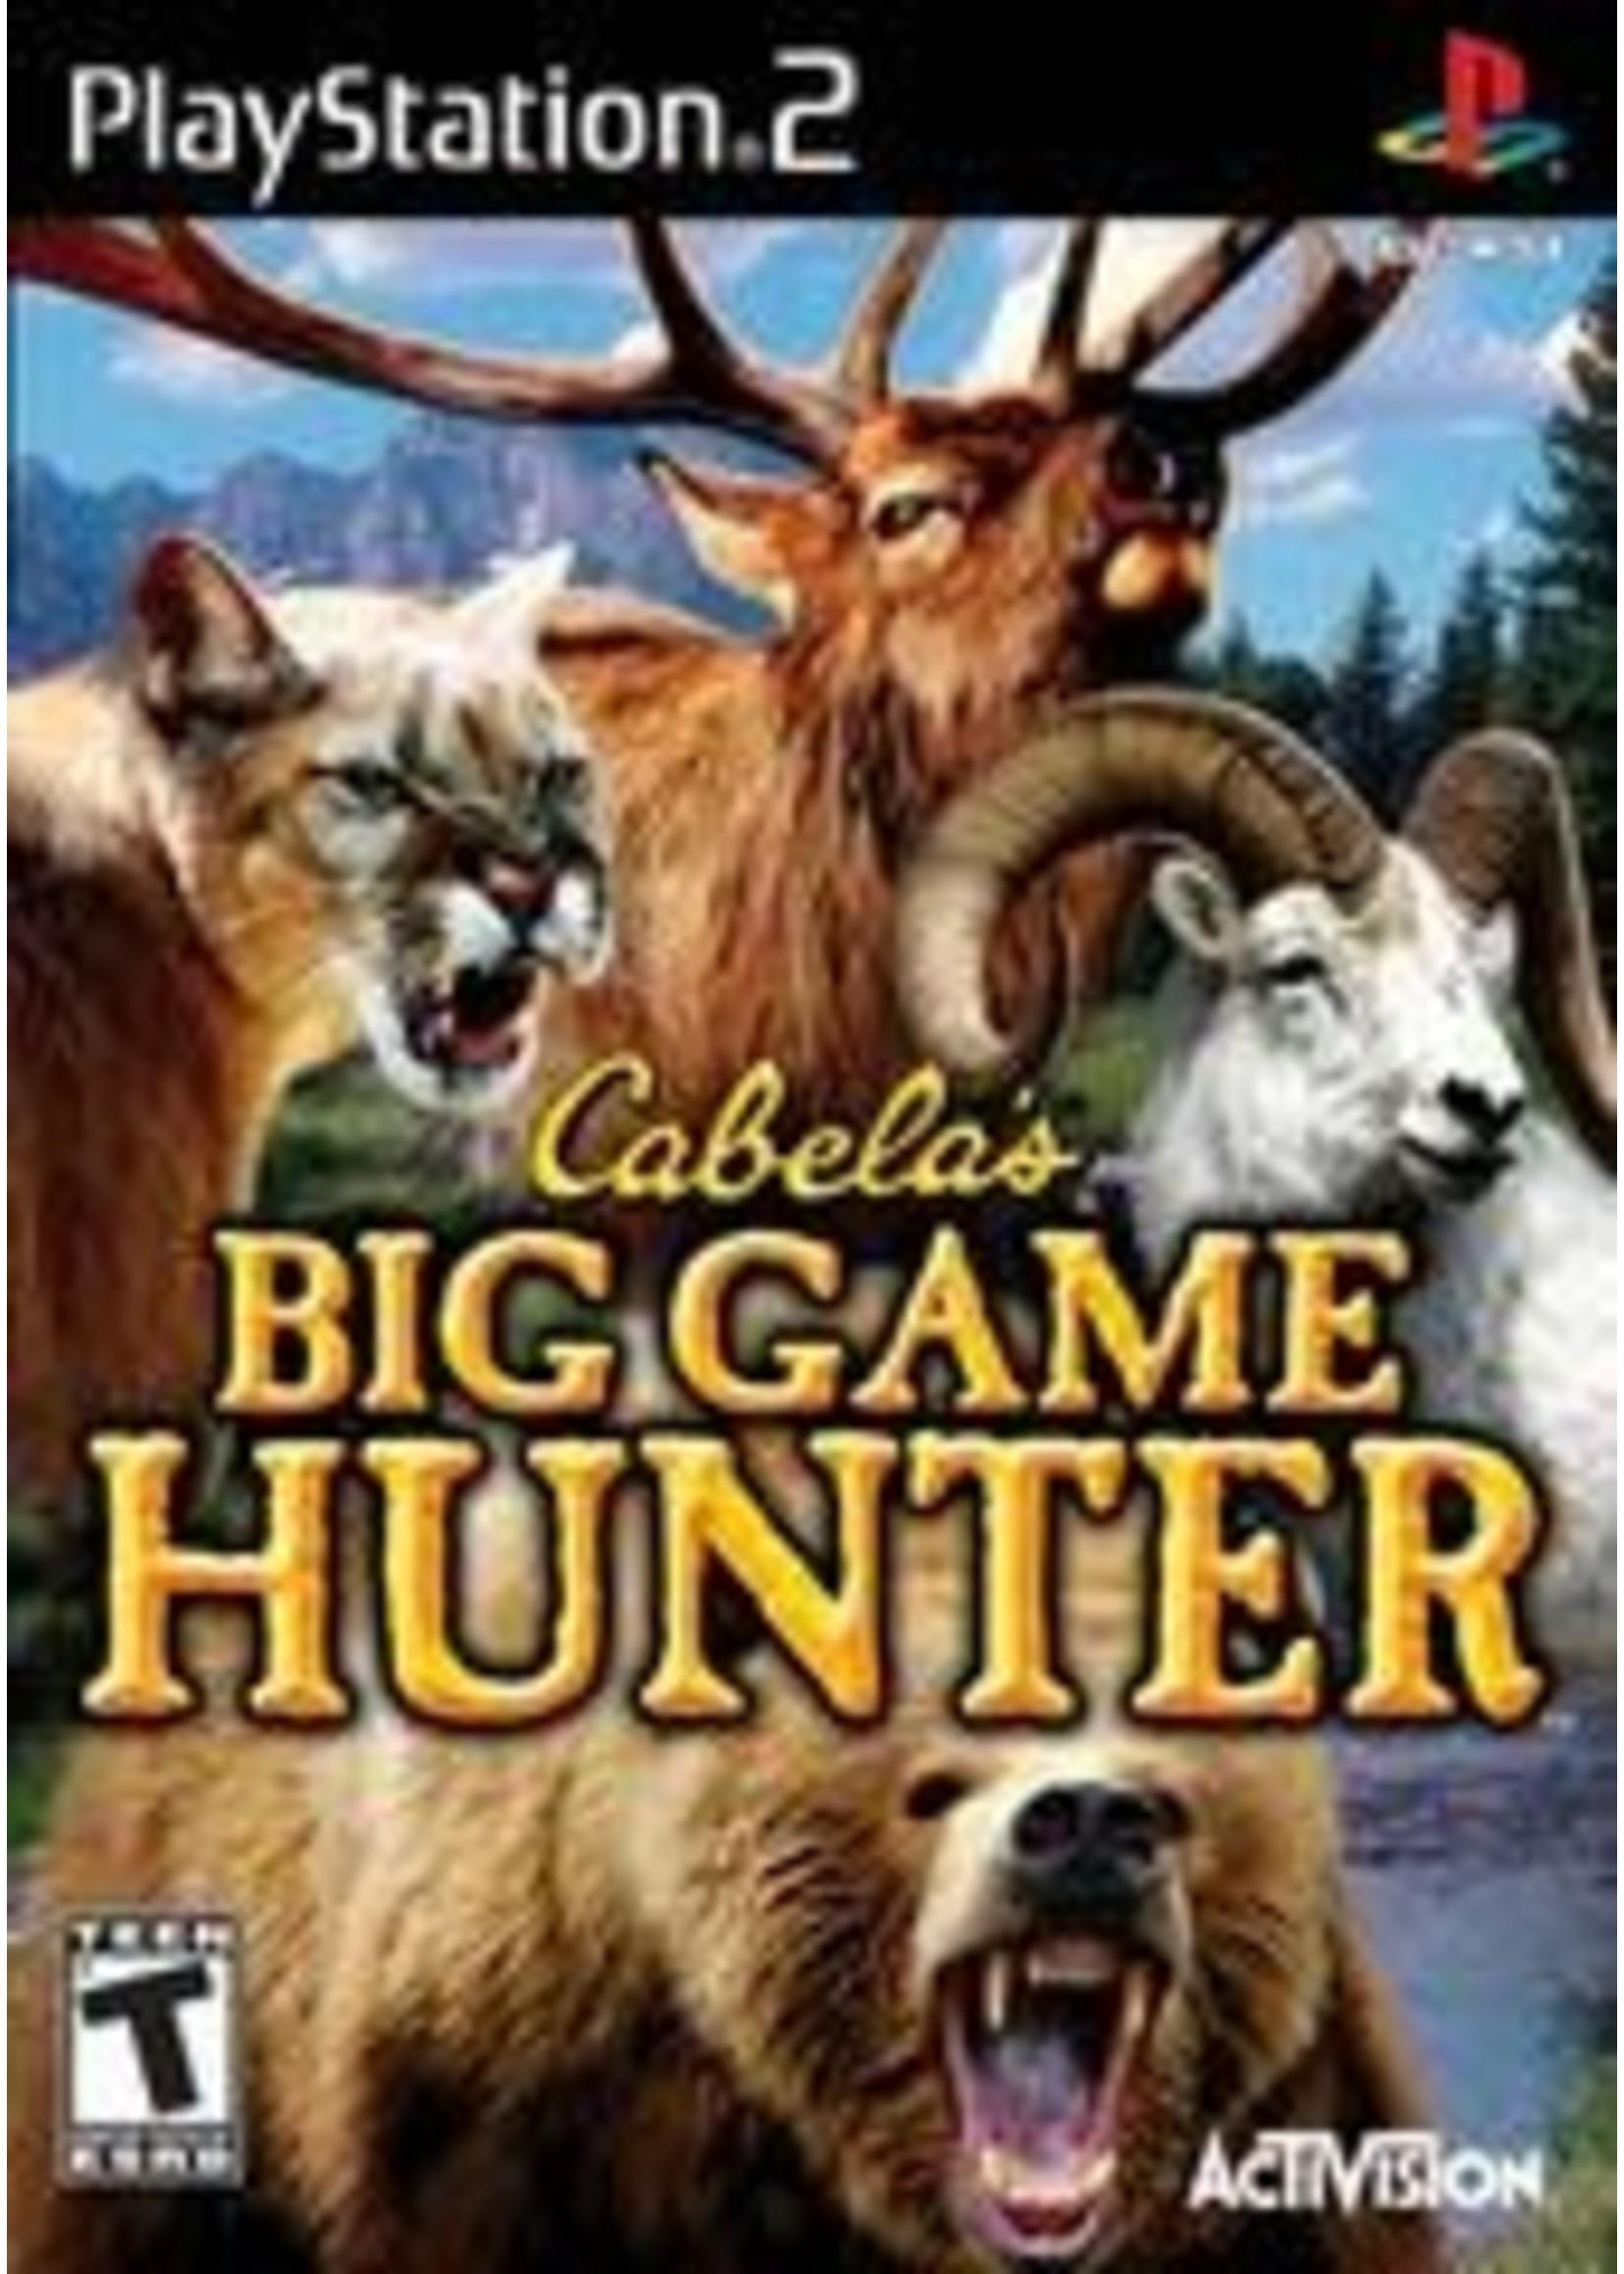 Cabela's Big Game Hunter 2008 Playstation 2